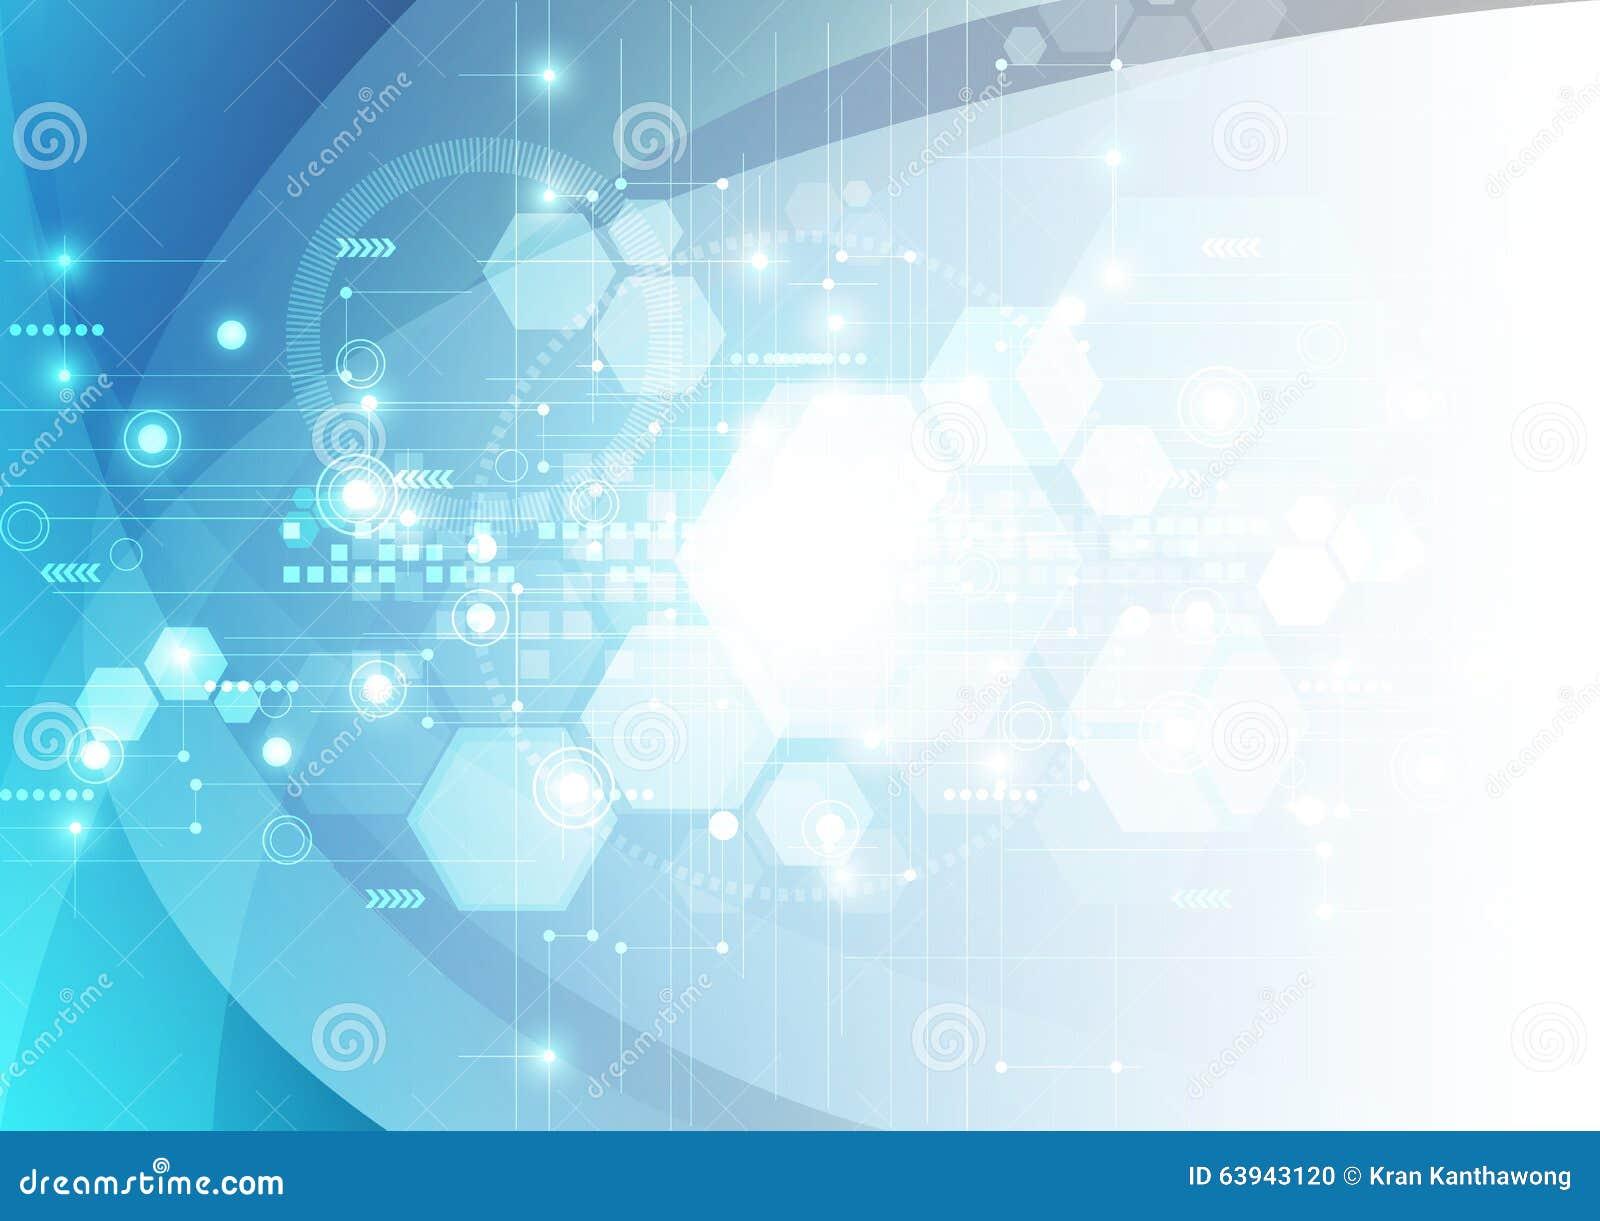 Fundo futurista abstrato da tecnologia digital vetor da ilustração